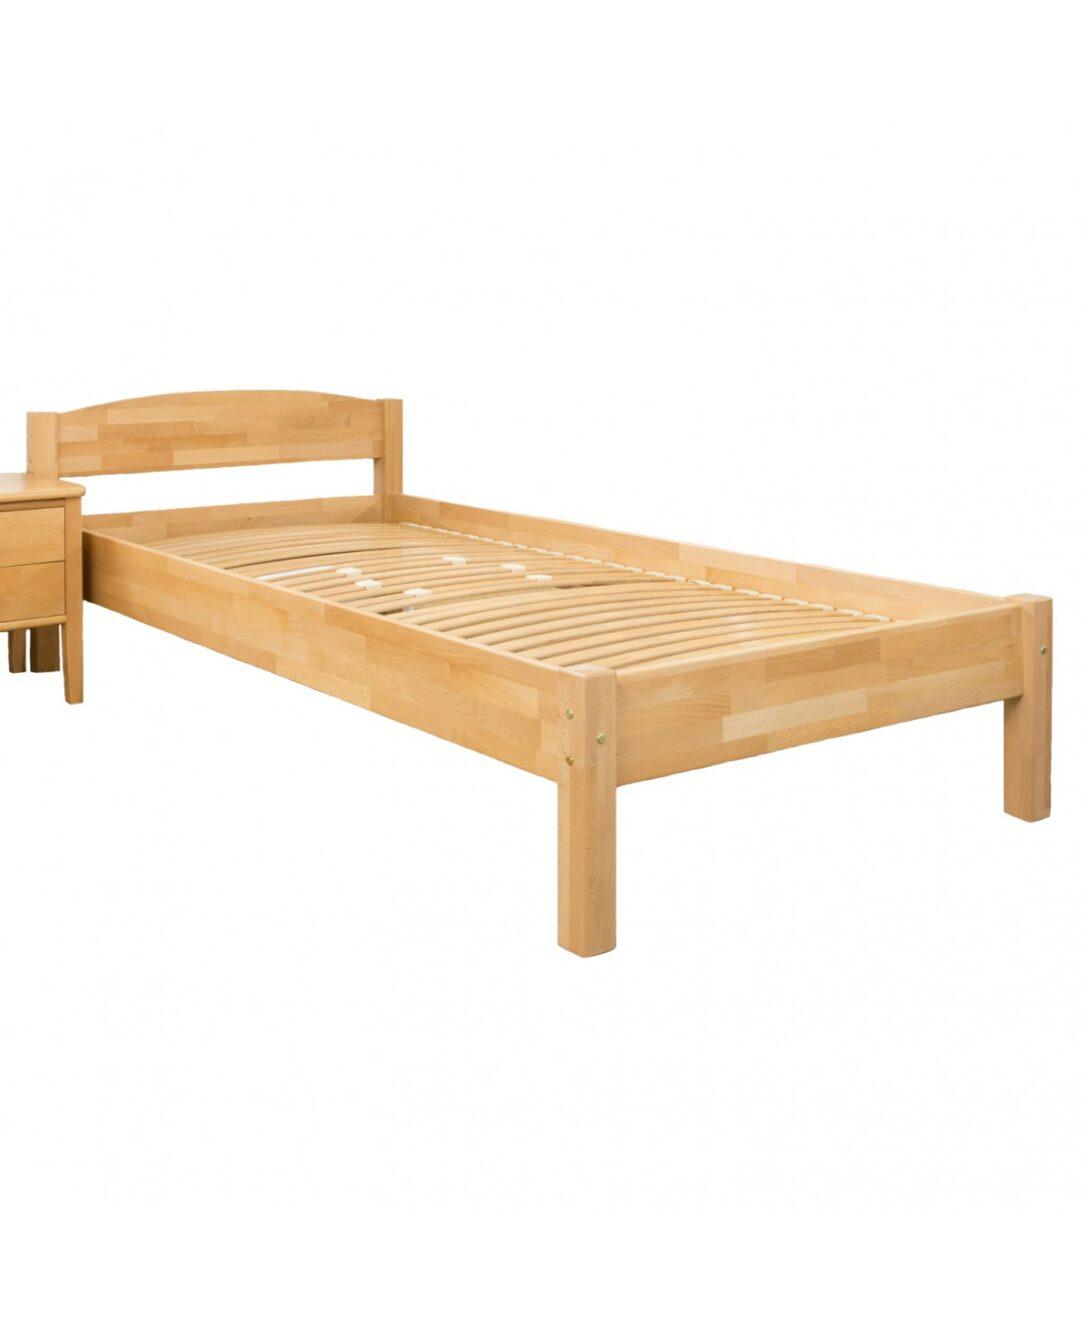 Large Size of Bett 120x200 Weiß Mit Matratze Und Lattenrost Bettkasten Betten Wohnzimmer Bettgestell 120x200